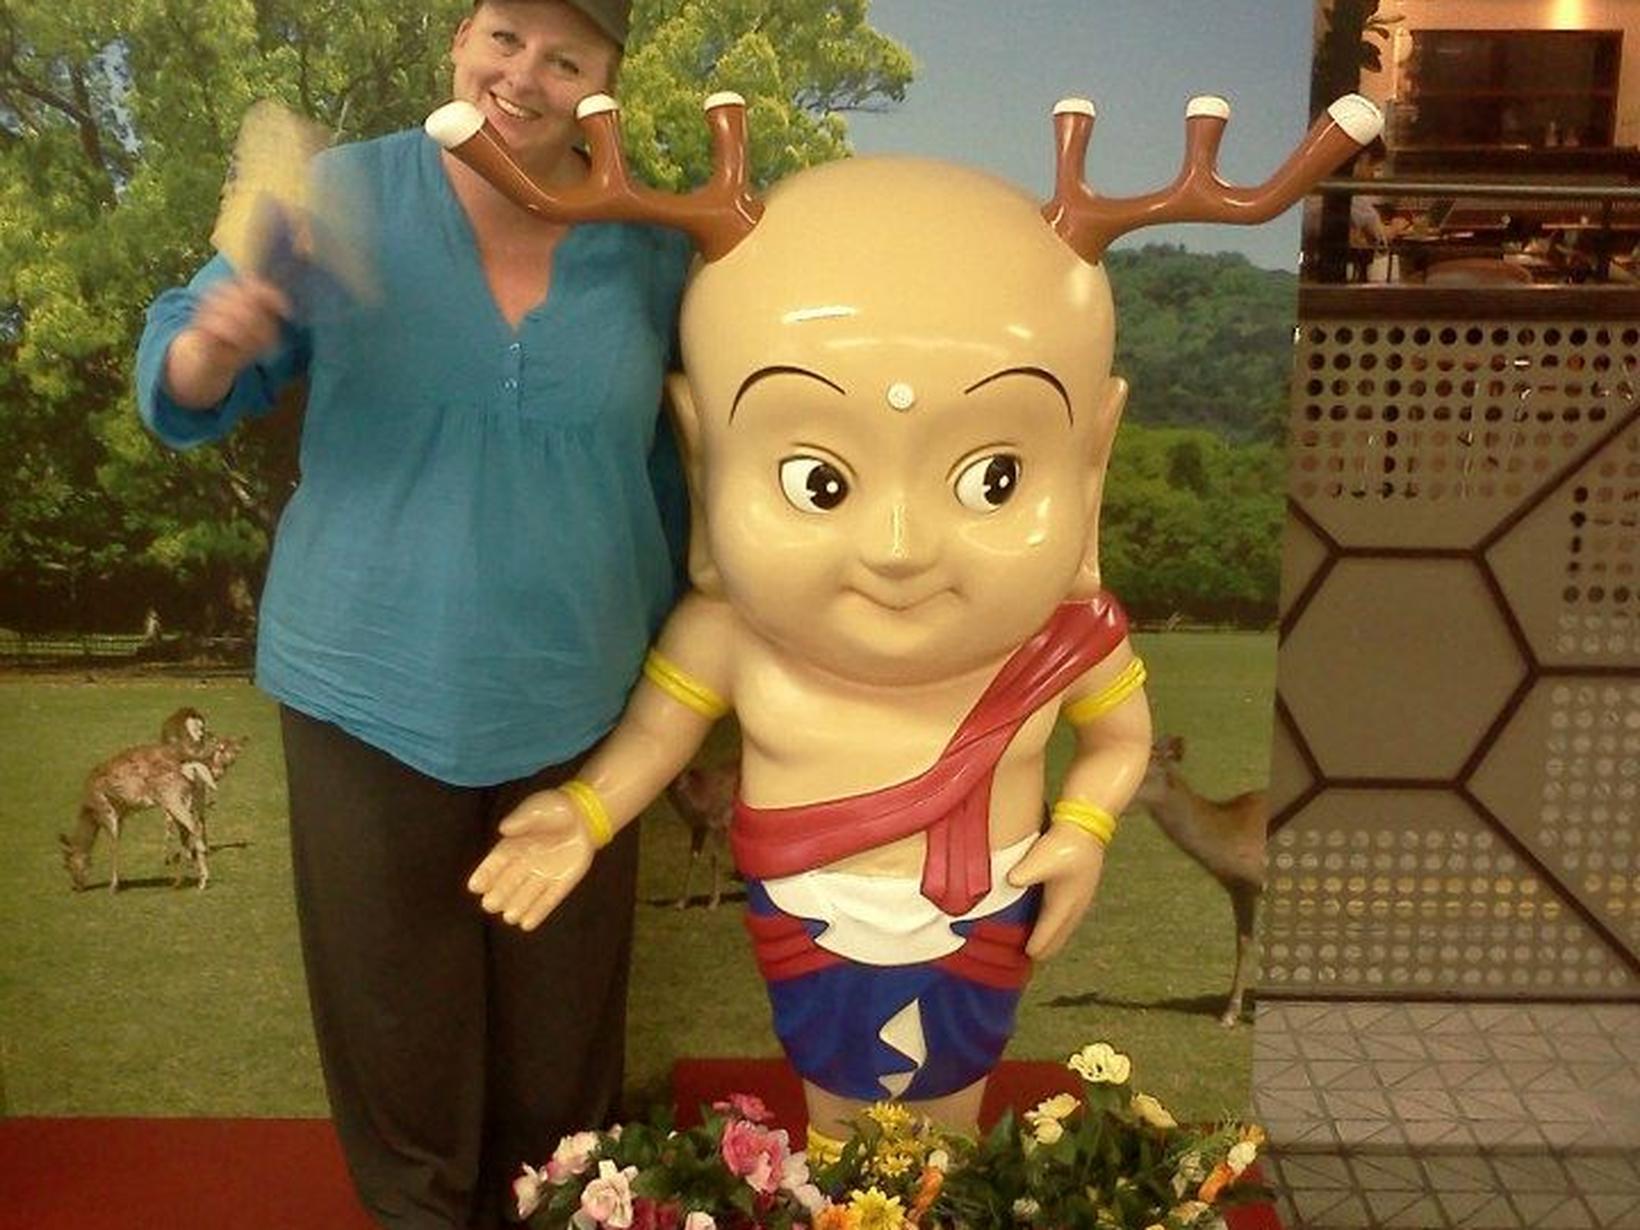 Karen from Adelaide, South Australia, Australia